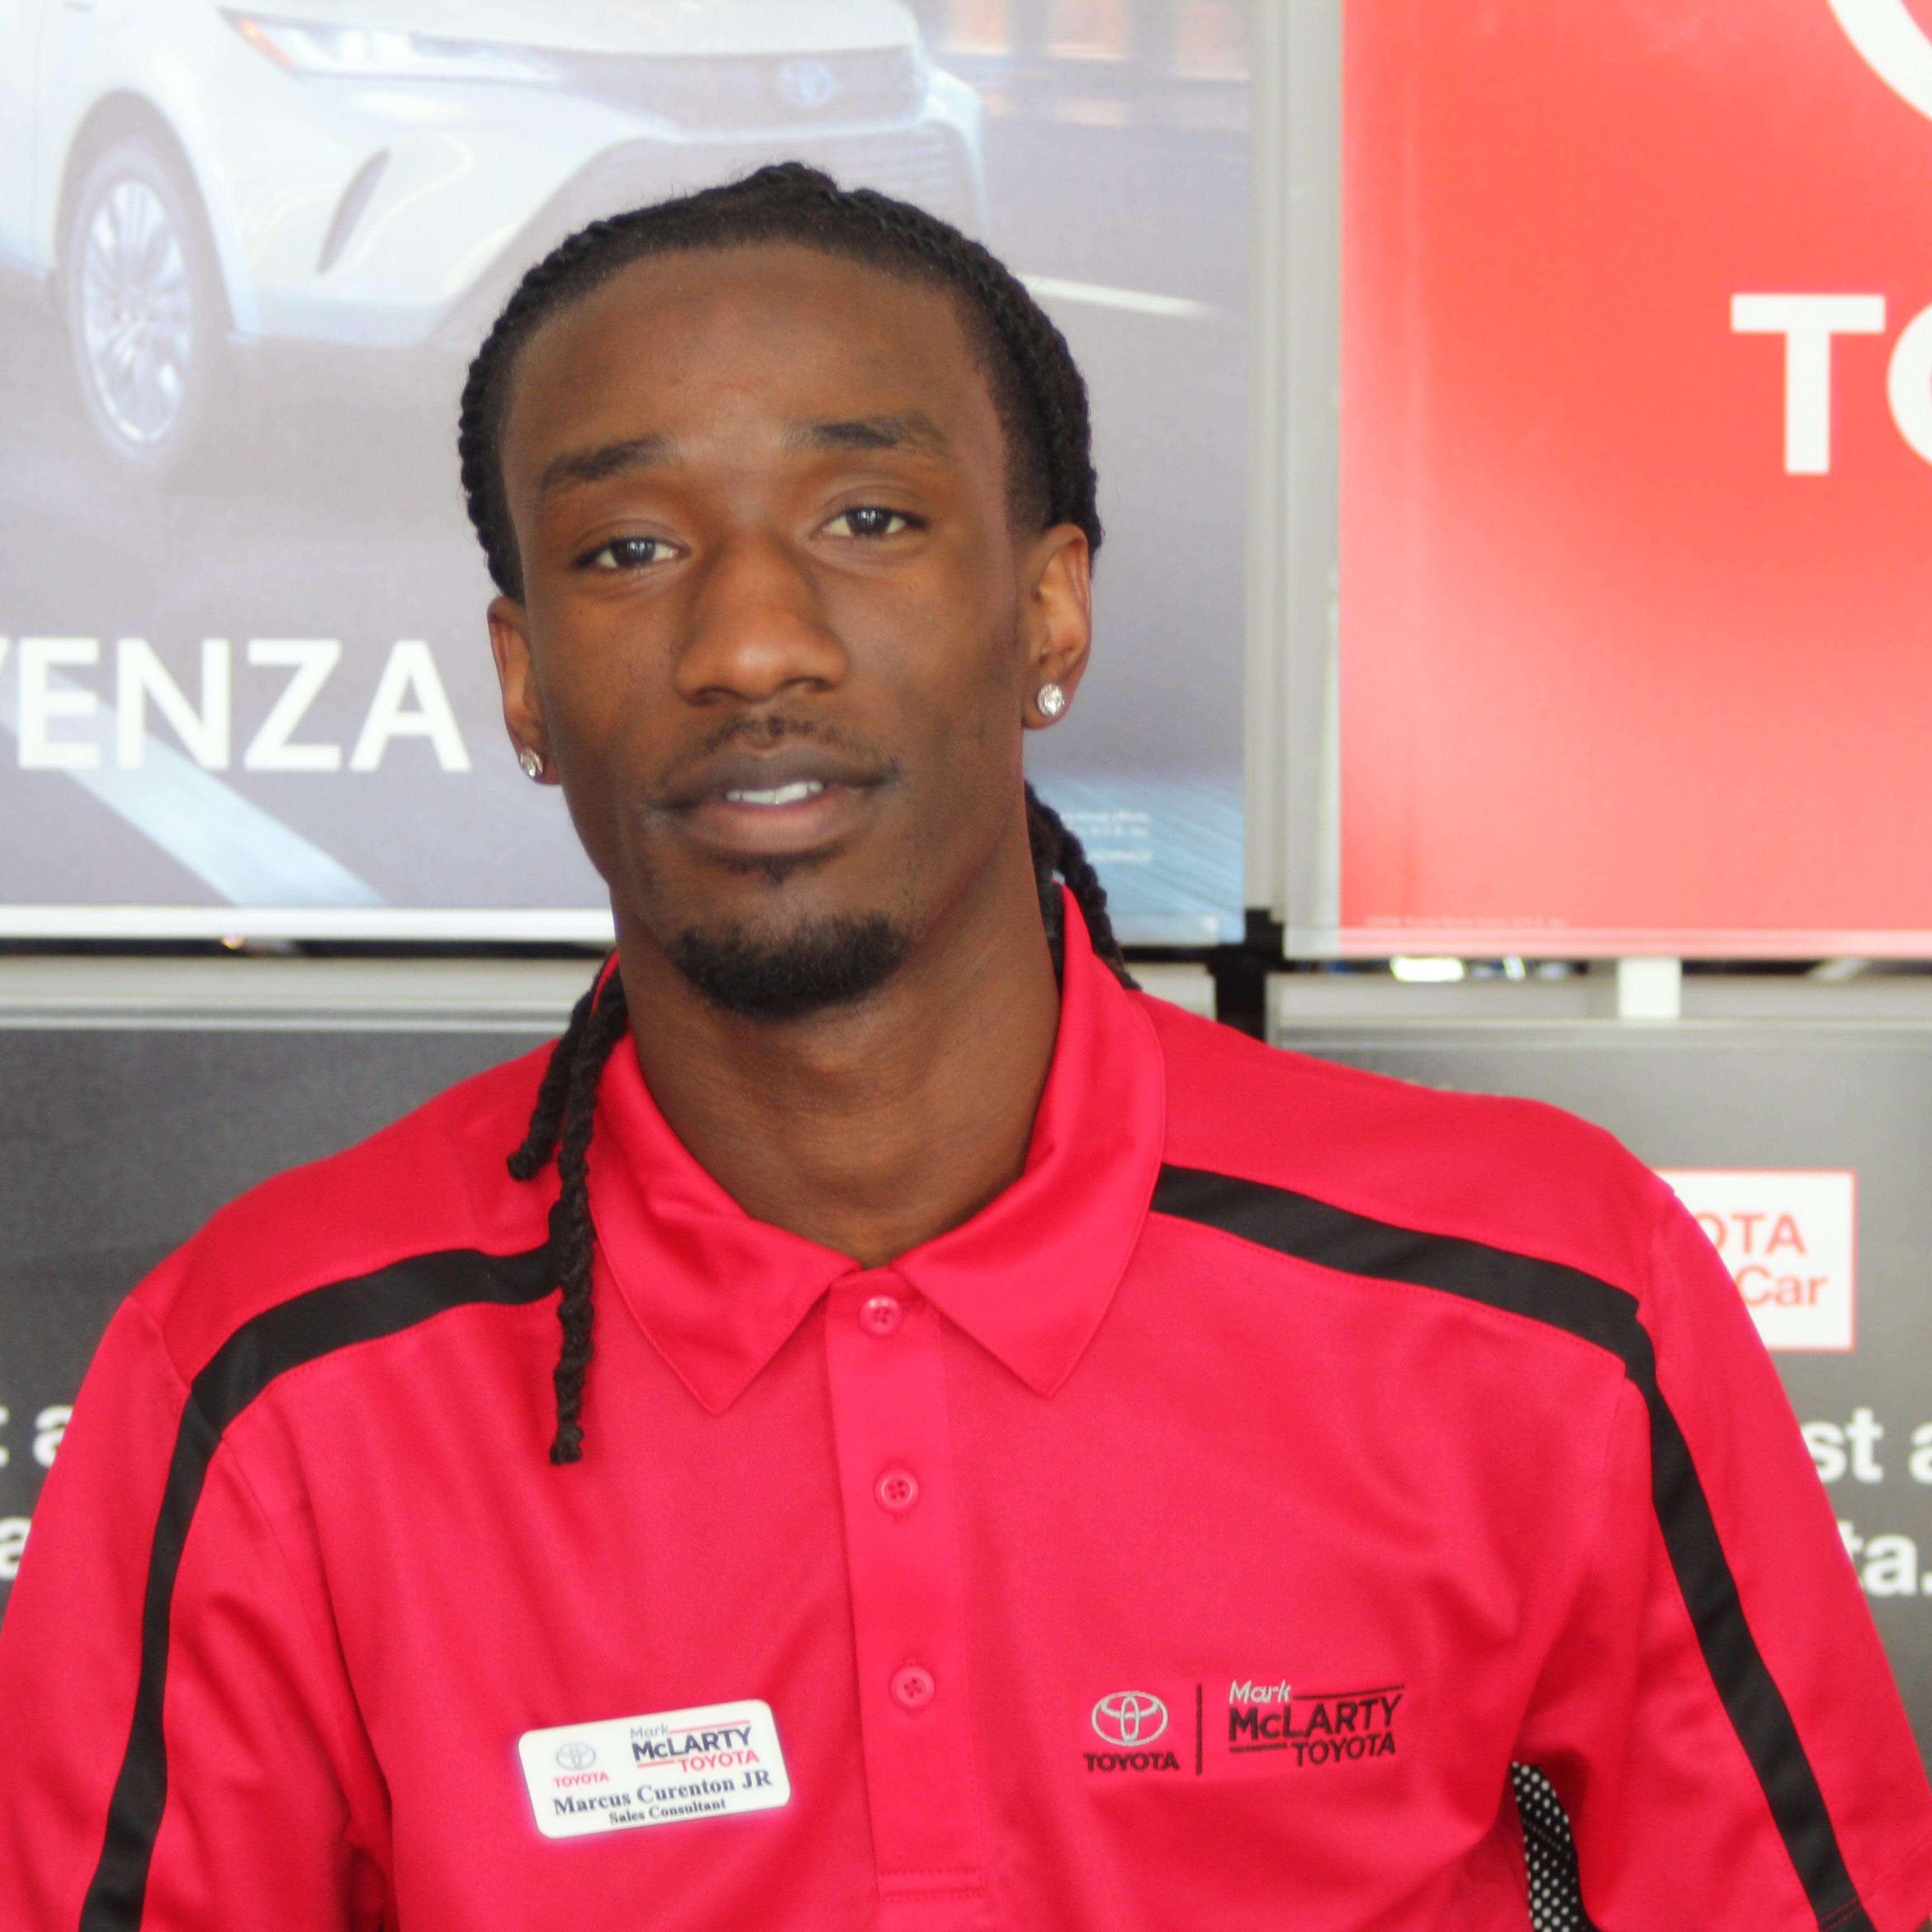 Marcus Curenton Bio Image